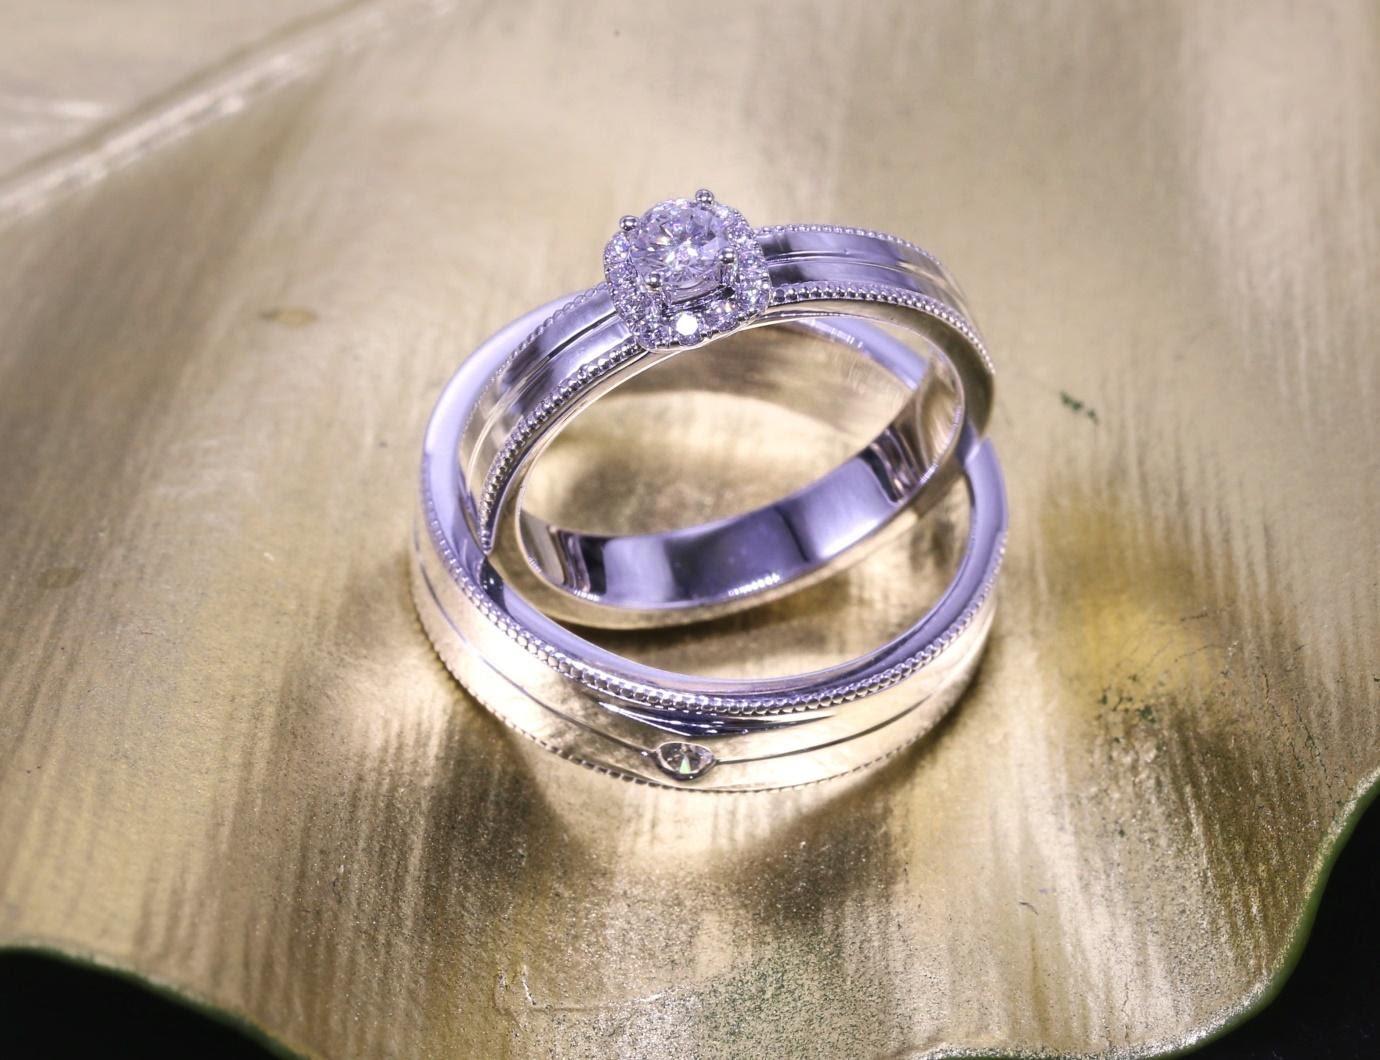 Những mẫu nhẫn cưới kim cương sang trọng, đẹp mê ly trong mùa cưới từ Hoàng Thứ Jewelry